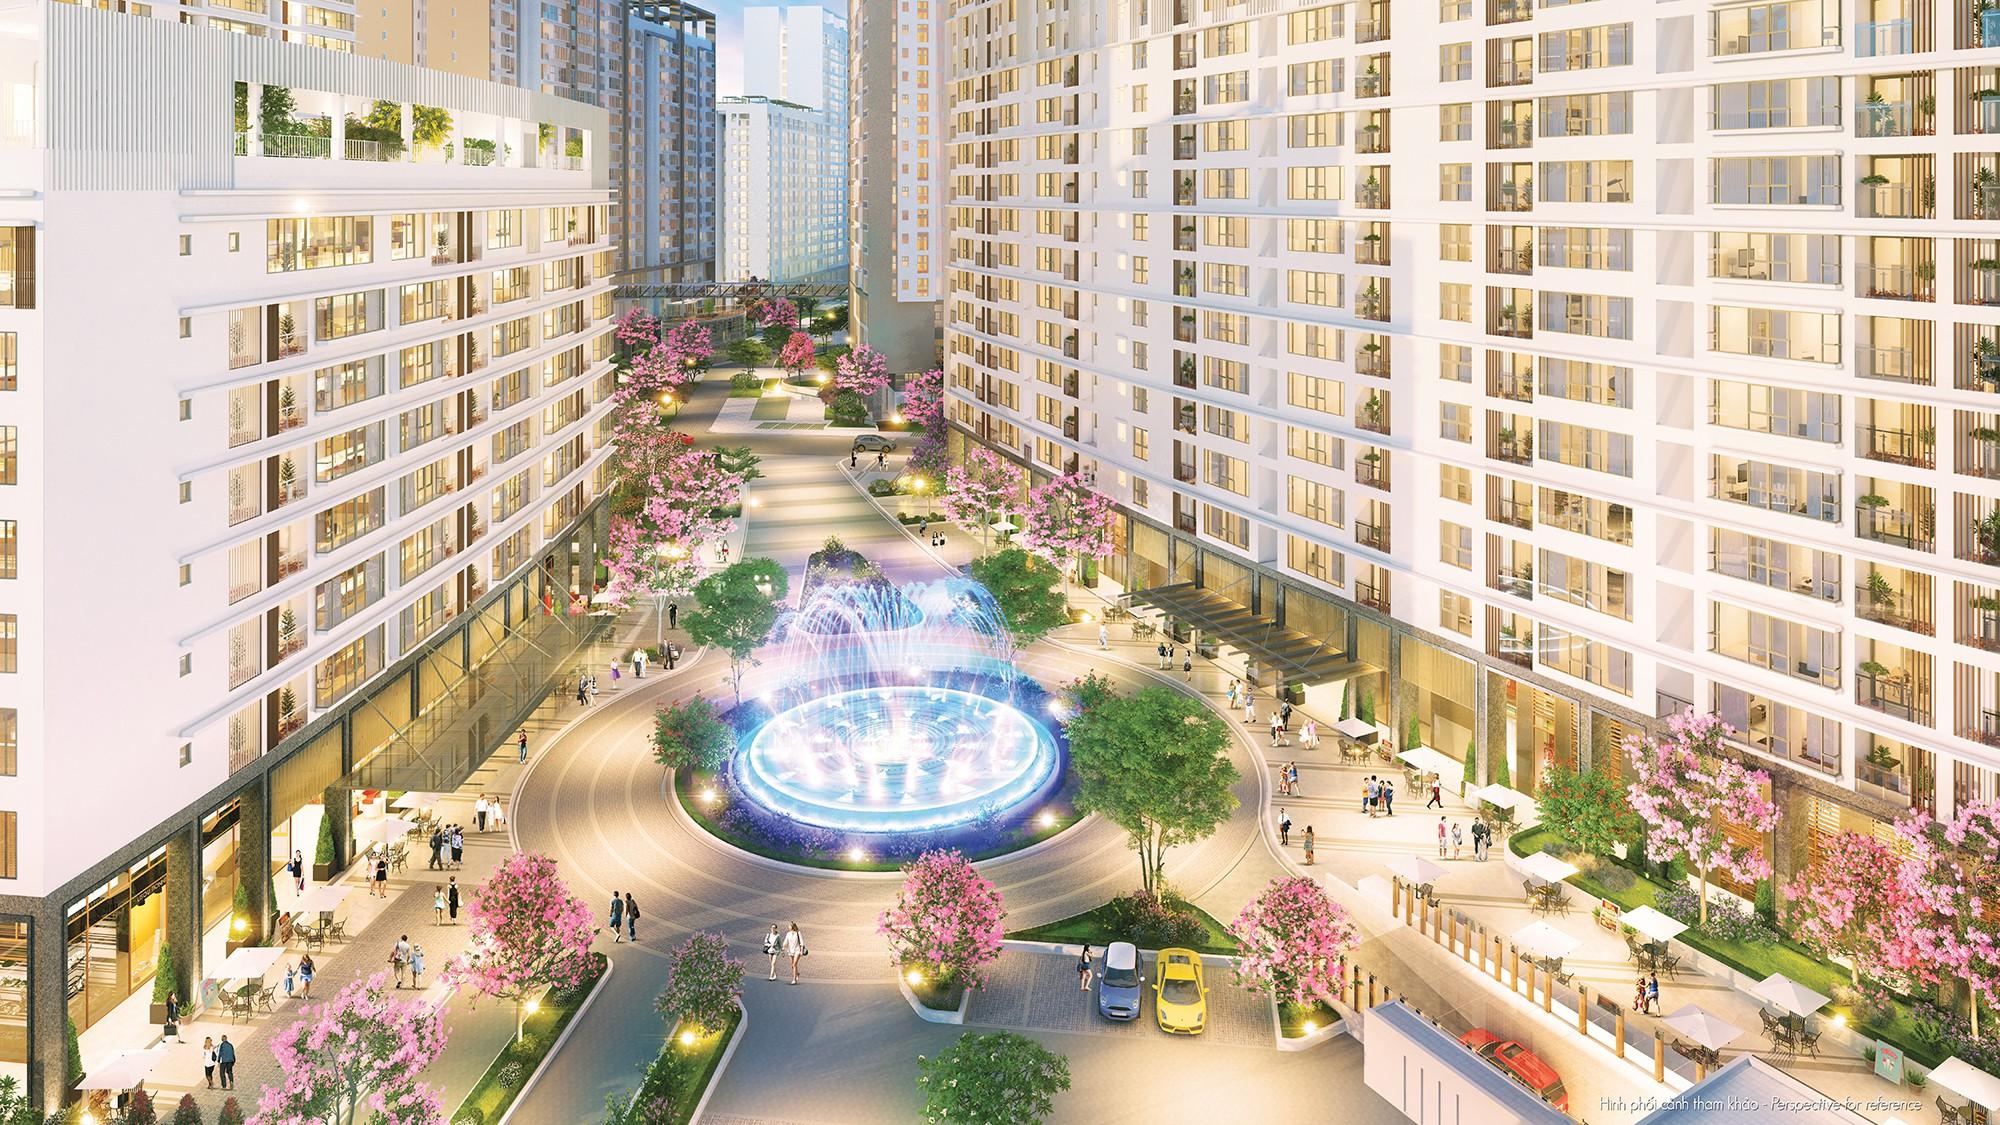 Phú Mỹ Hưng và bài toán định hình khái niệm bất động sản cao cấp riêng biệt - Ảnh 11.